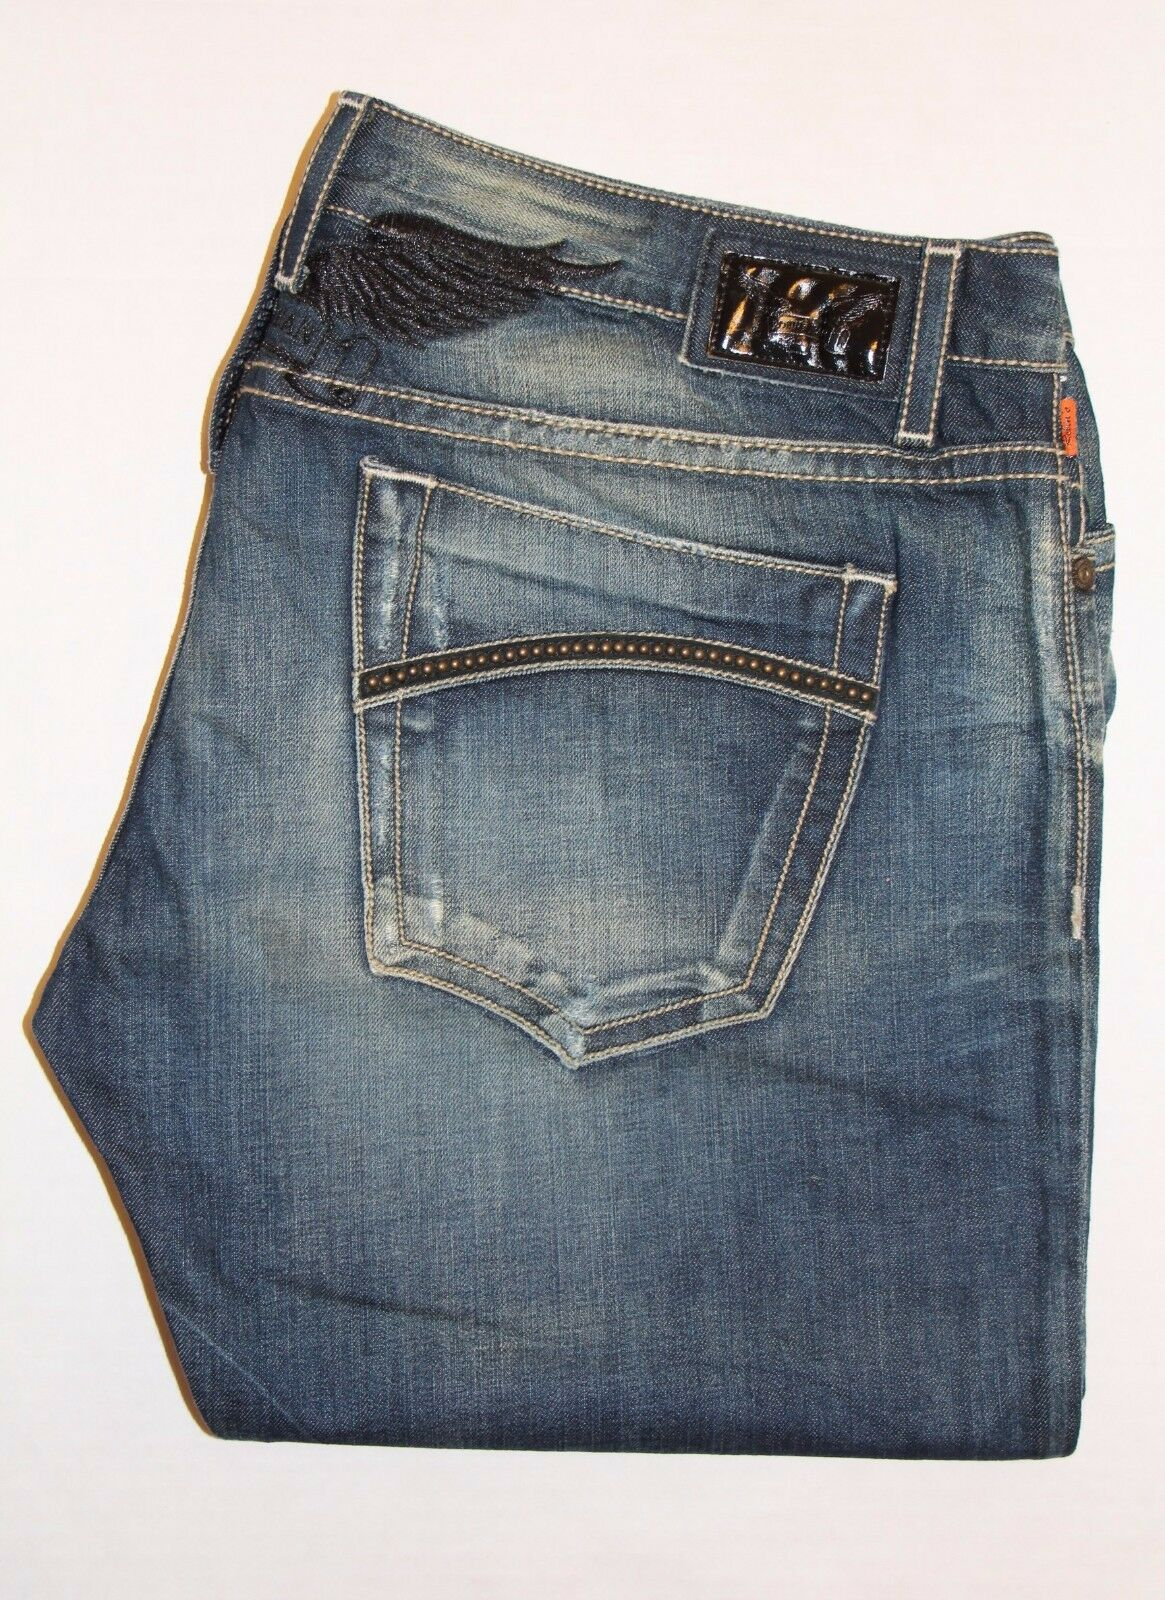 Neu Herren ROTKEHLCHEN Jeans Größe 42  D5462BLK Marlon Gerade mit Nieten Besetzt